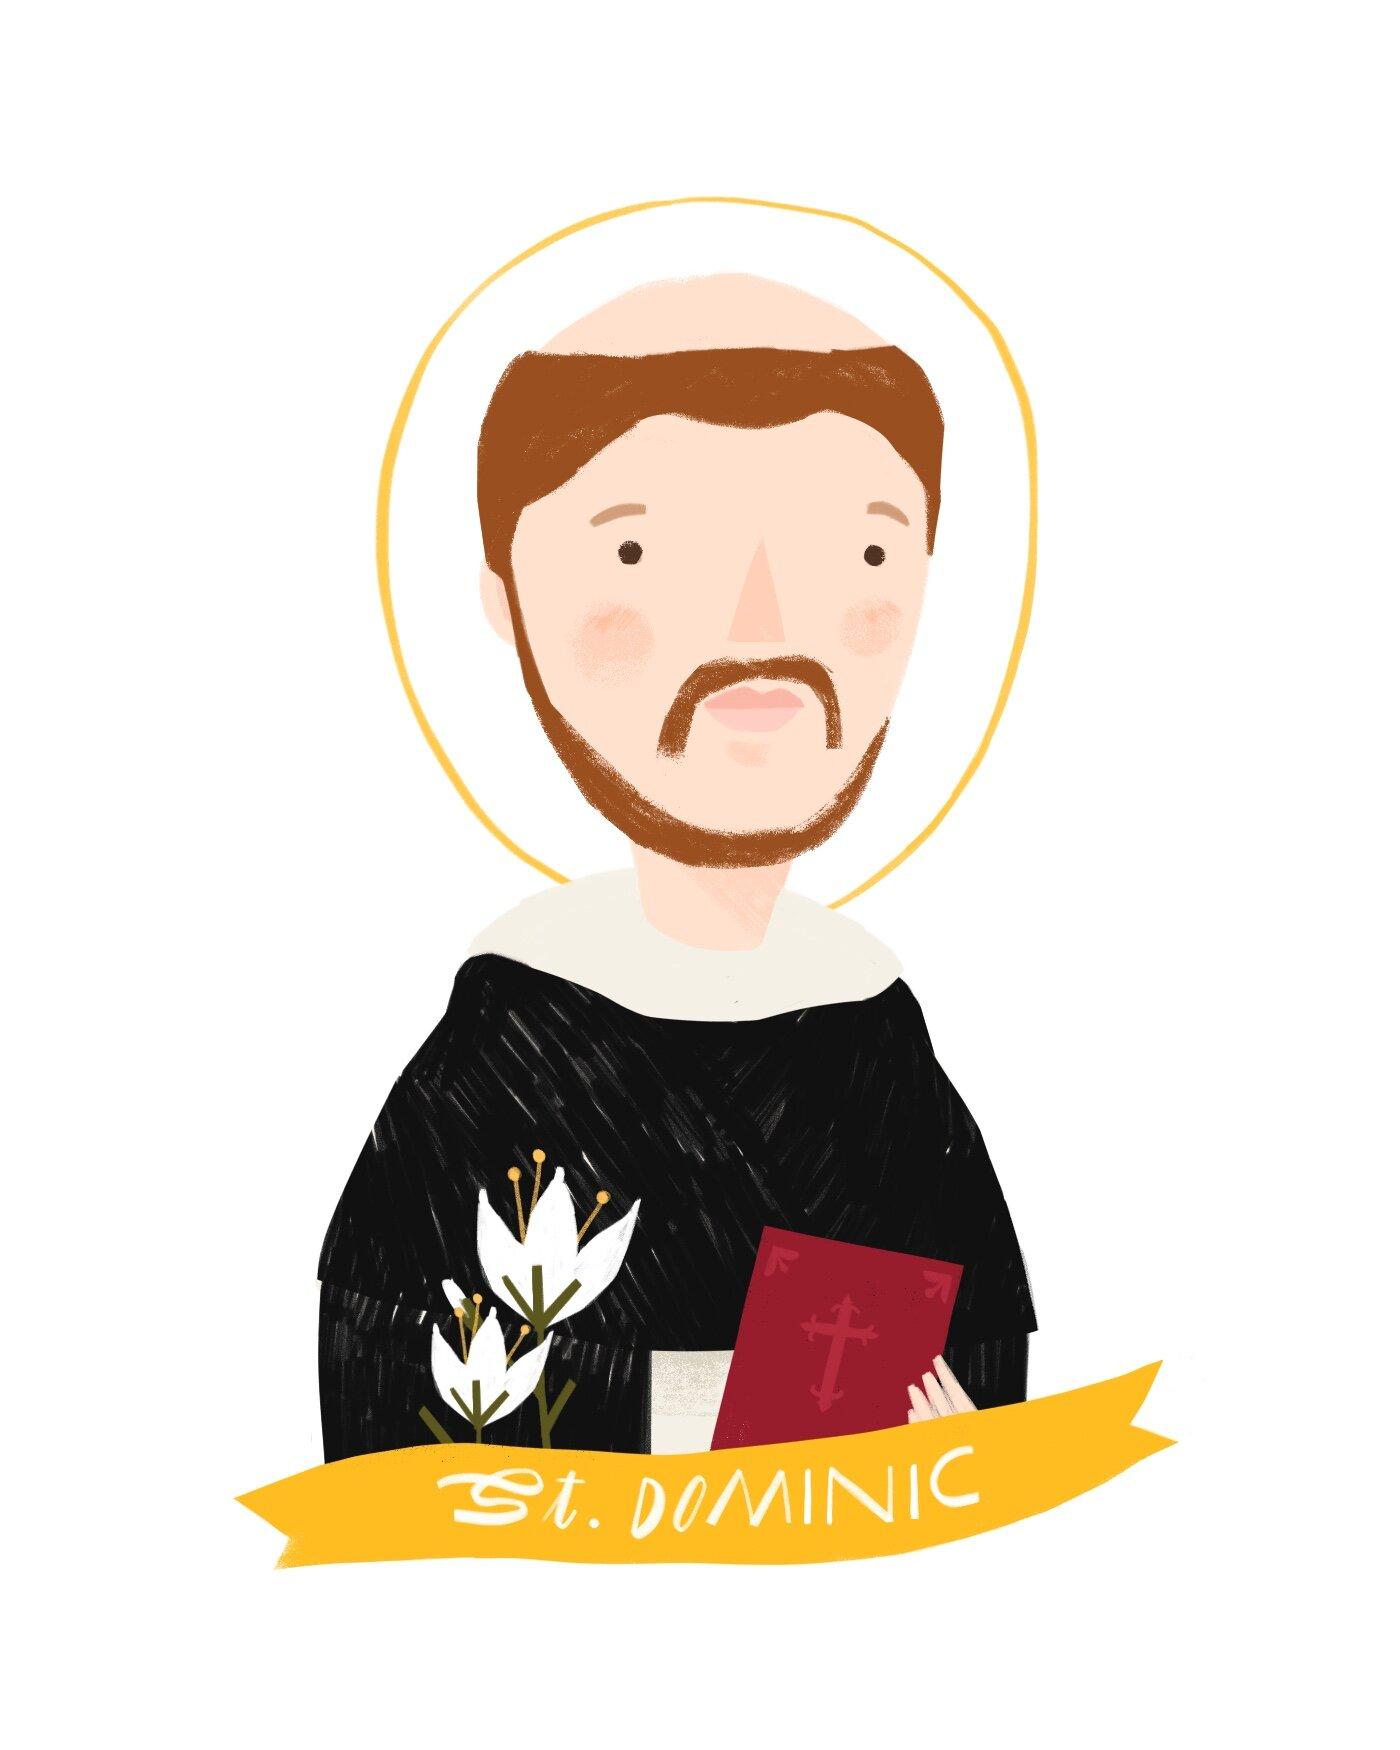 St._Dominic.jpg